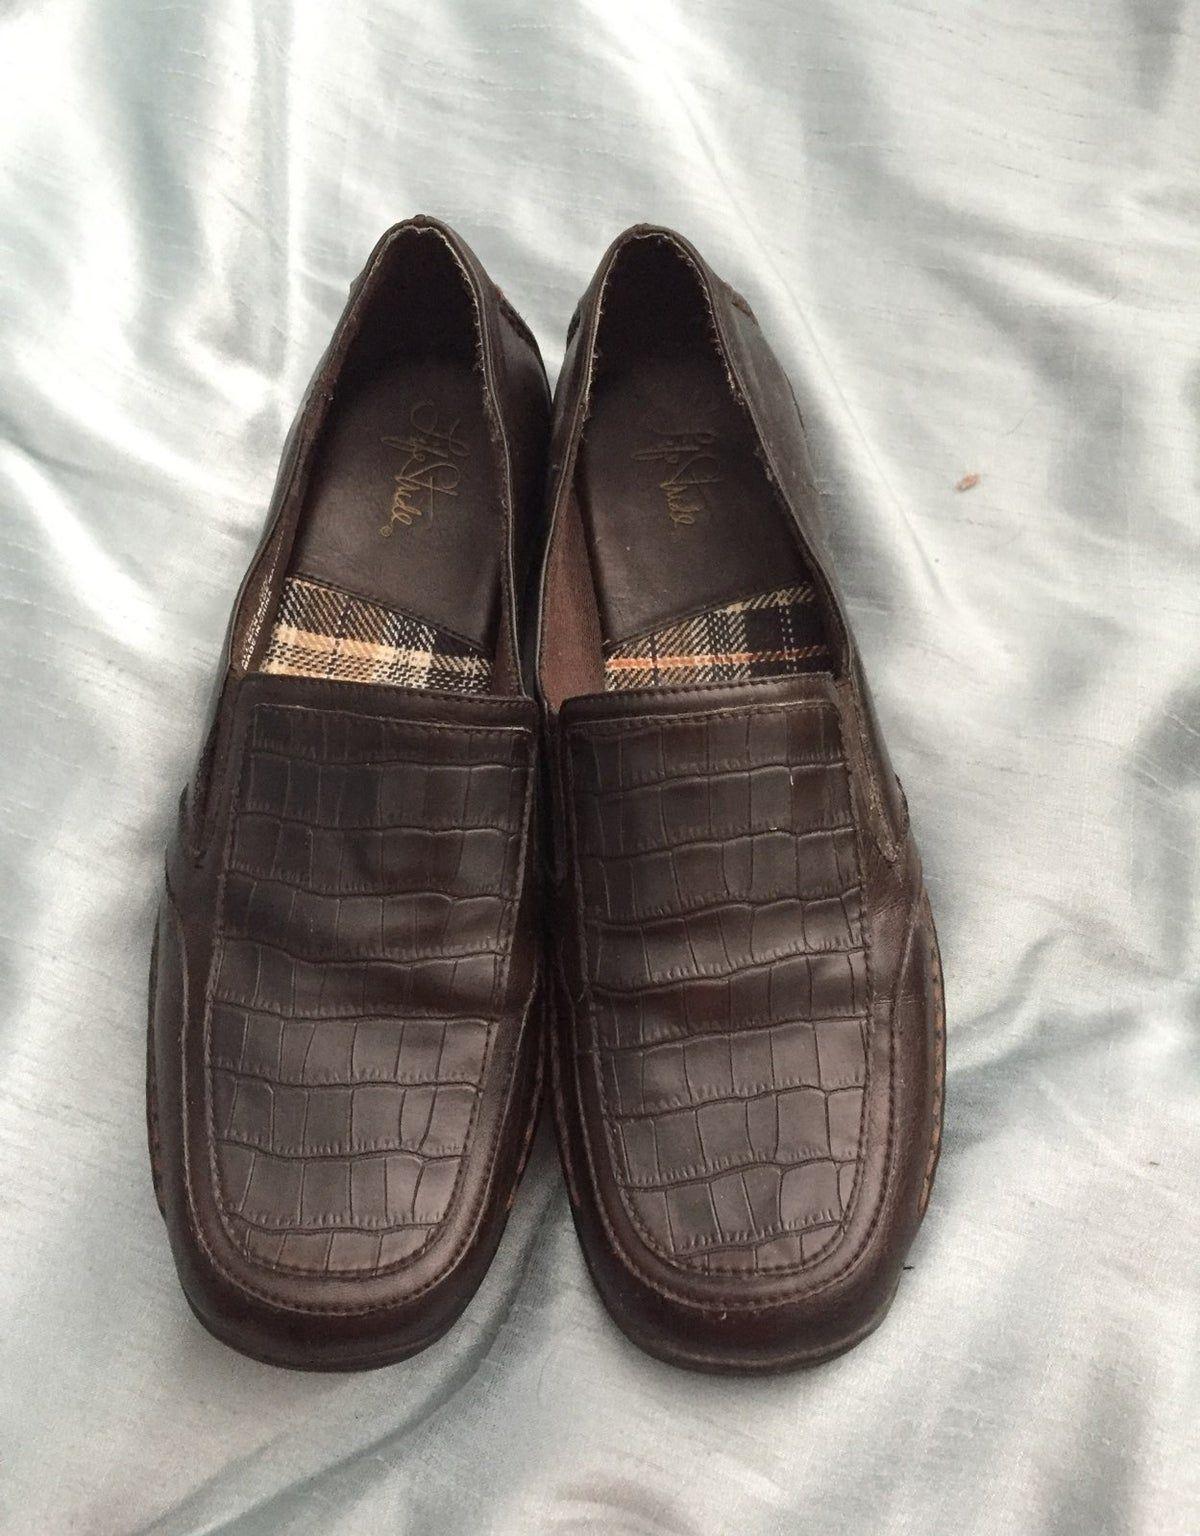 Life stride duke rich brown boynton size-  #boynton #Brown #Duke #life #rich #Size #stride-    Life stride size 11M duke rich brown bouton shoes